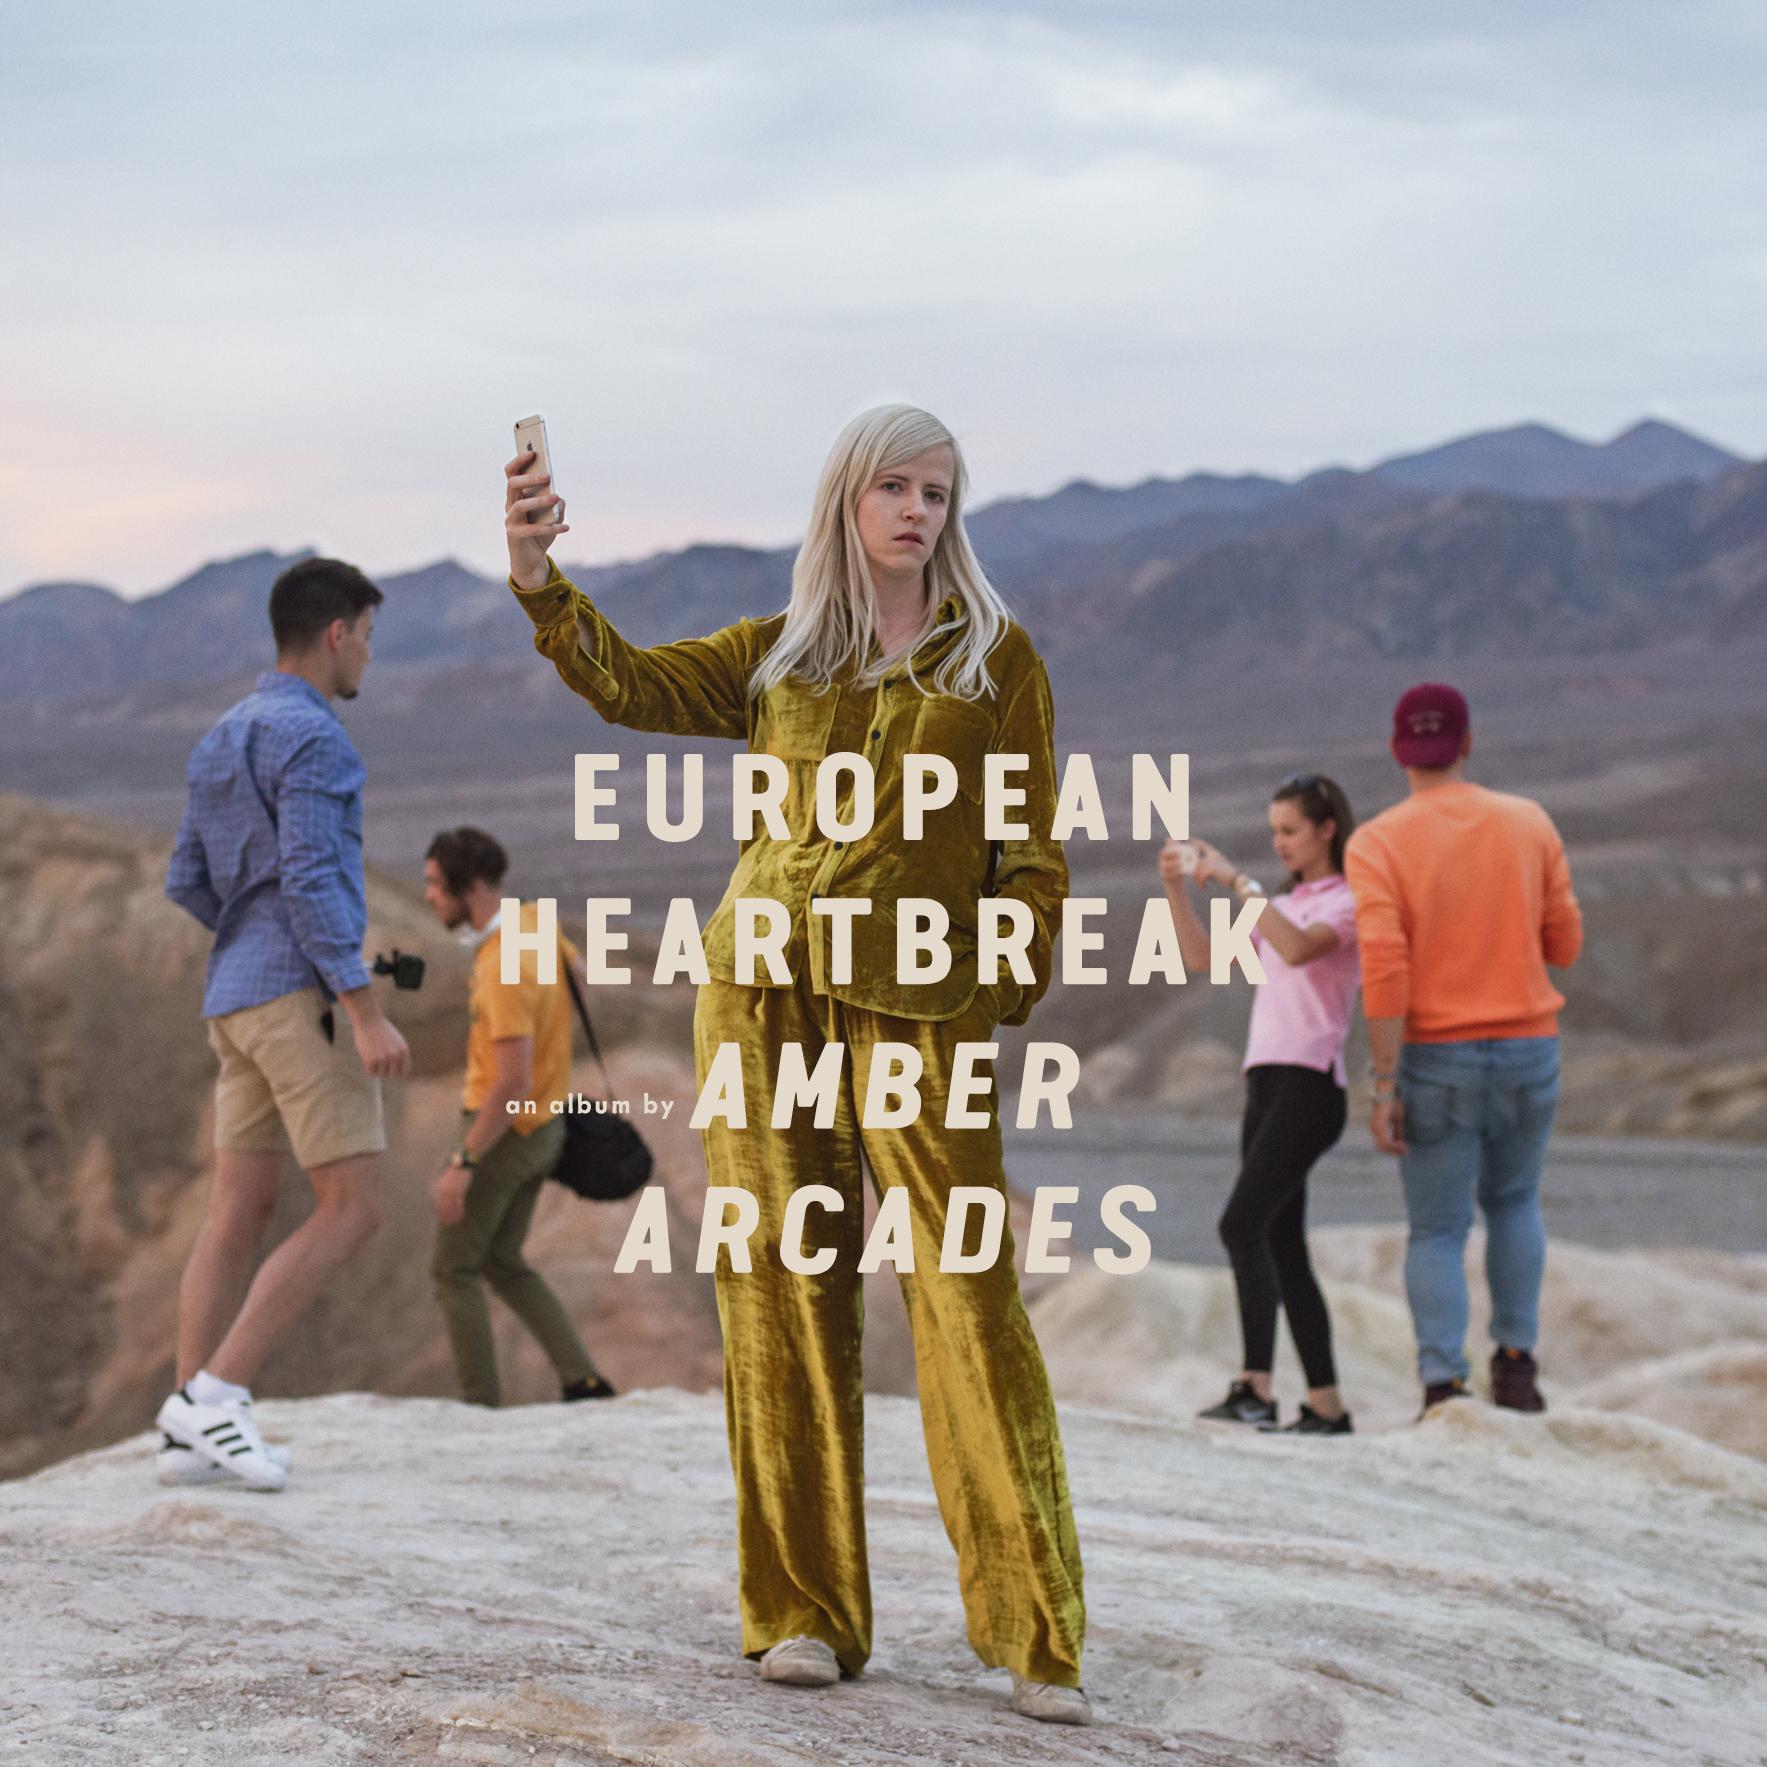 European Heartbreak (CD) - Amber Arcades